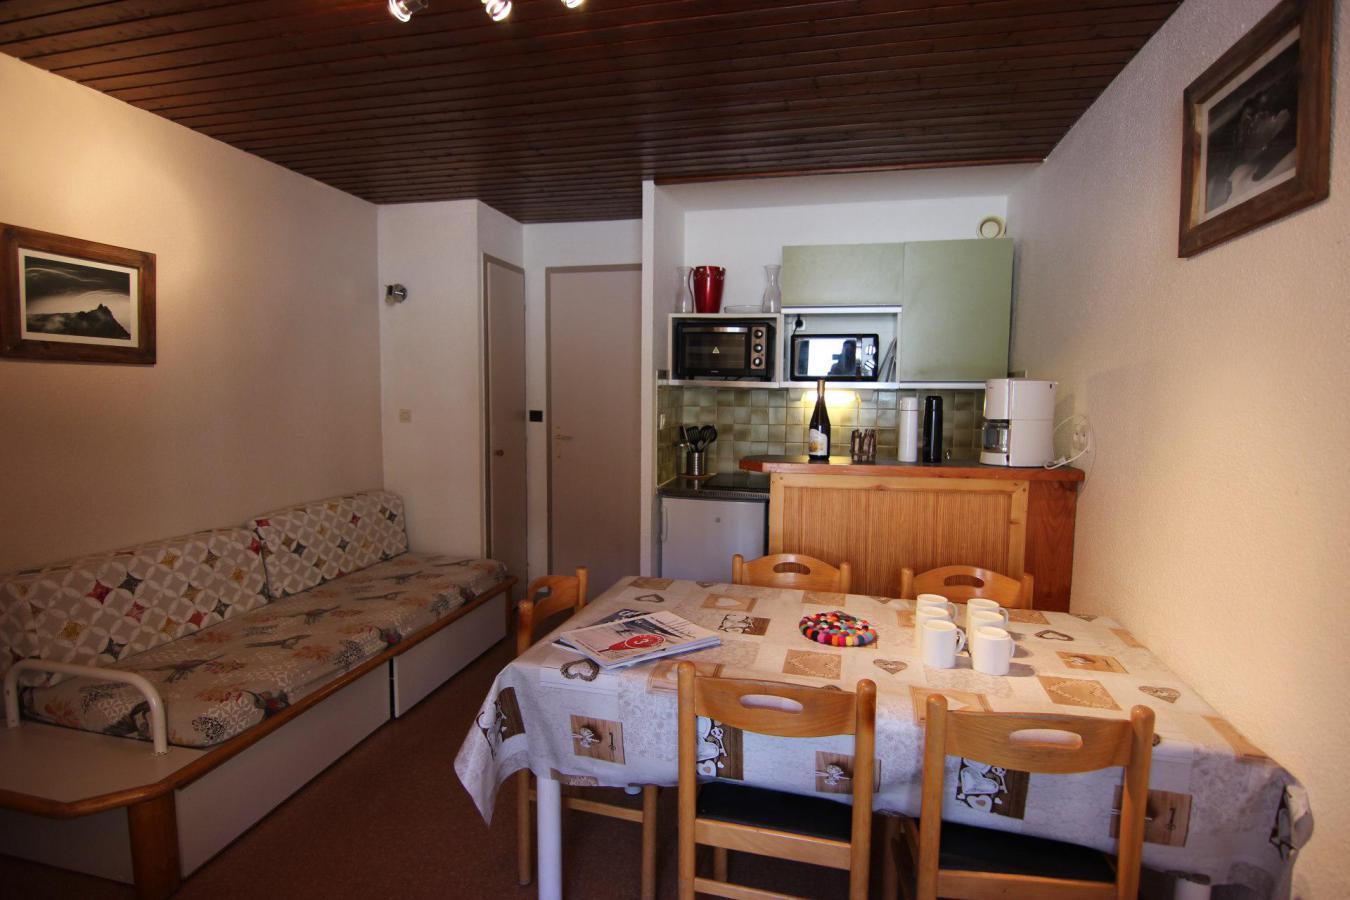 Location au ski Appartement 2 pièces cabine 6 personnes (12) - Residence Le Schuss - Val Thorens - Lits superposés